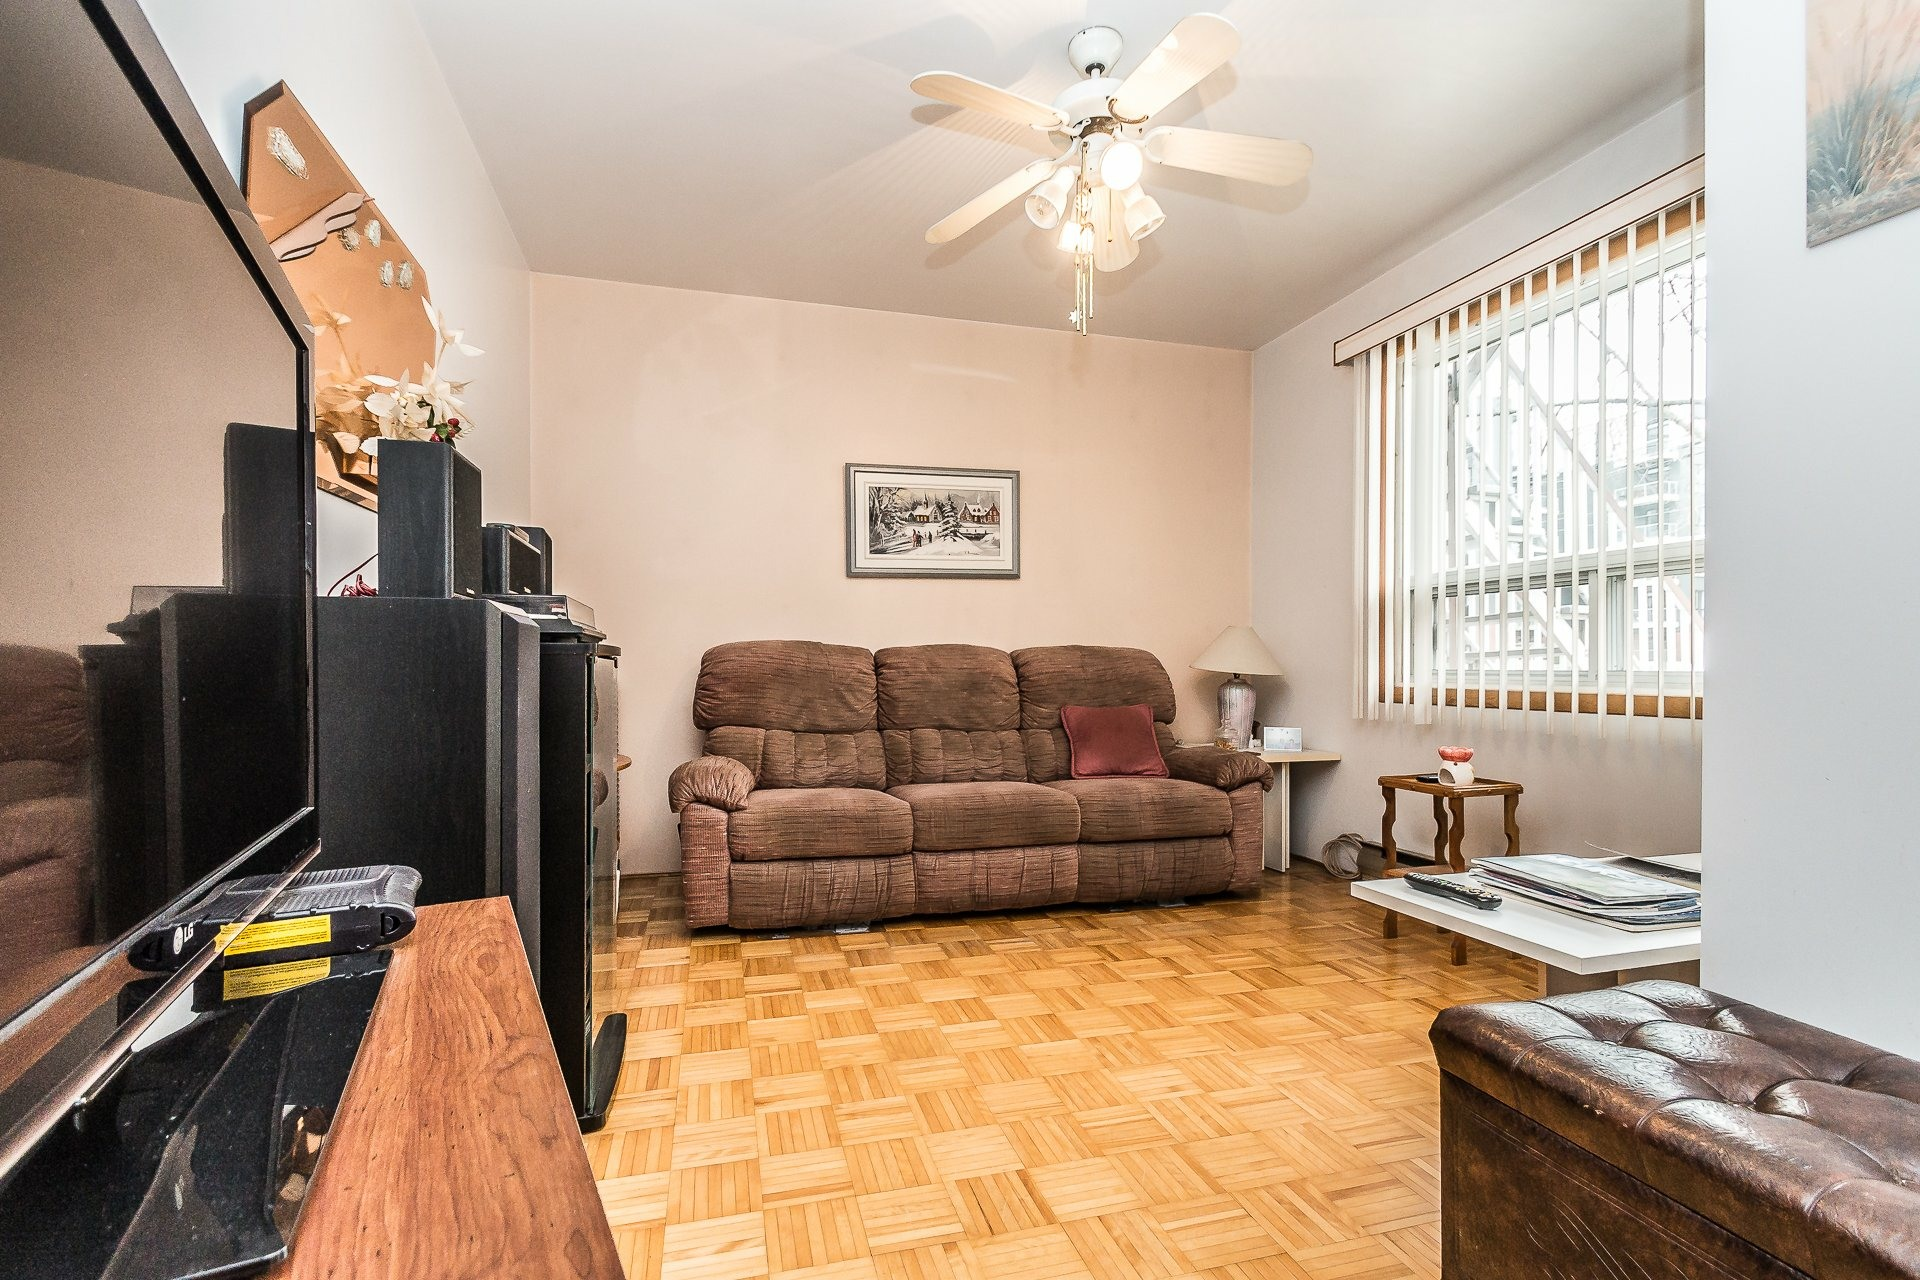 image 2 - 复式 出售 Montréal Lachine  - 3 室